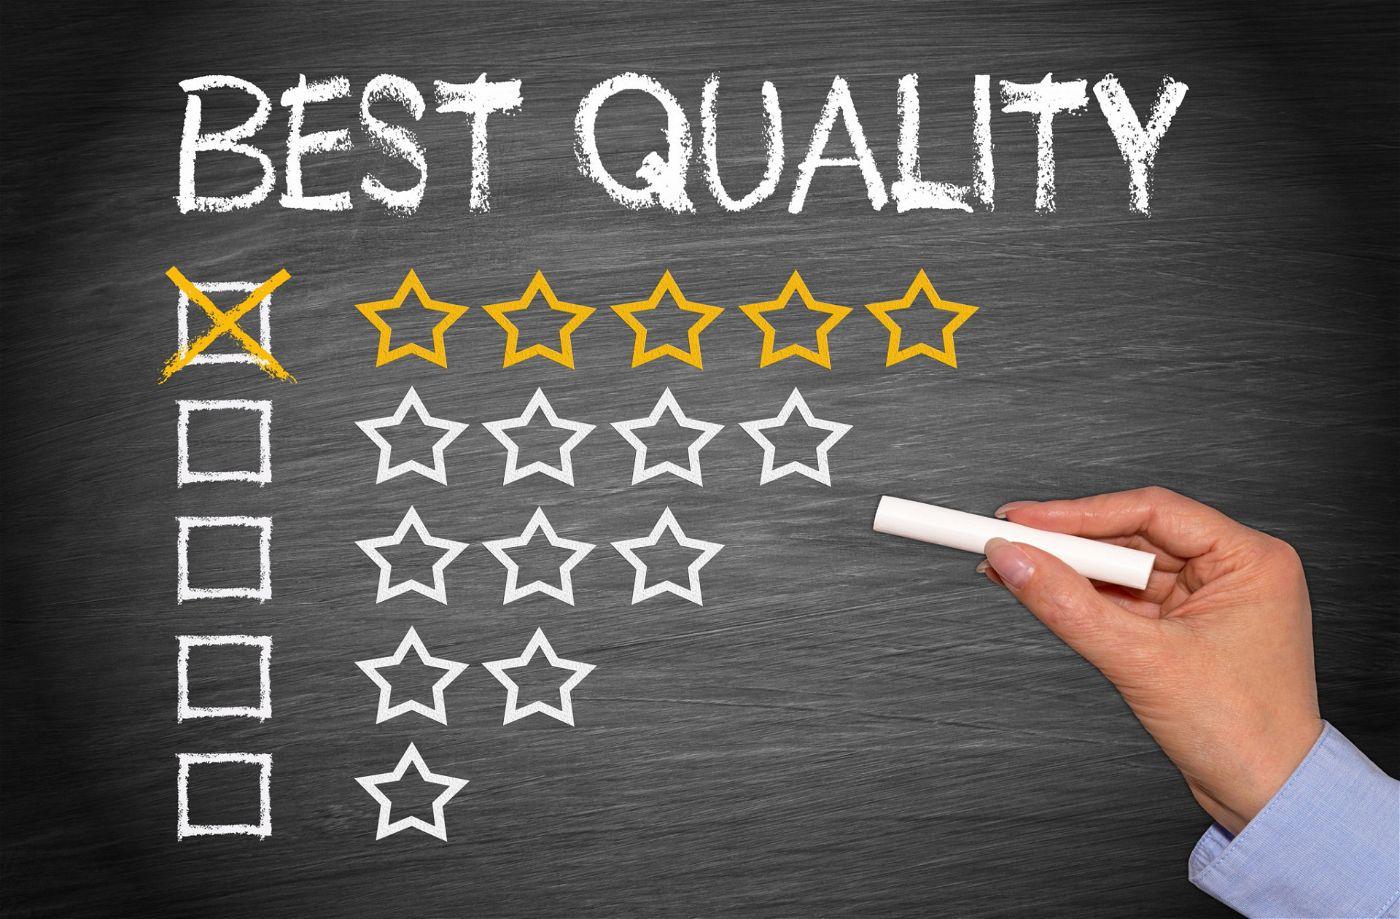 Gute Bewertungen im Internet sind für viele Kunden ein entscheidendes Kaufargument, denn viele Vertrauen auf die Meinung anderer Kunden. Das wird zum Problem, wenn viele dieser Bewertungen nicht echt sondern gekauft sind.